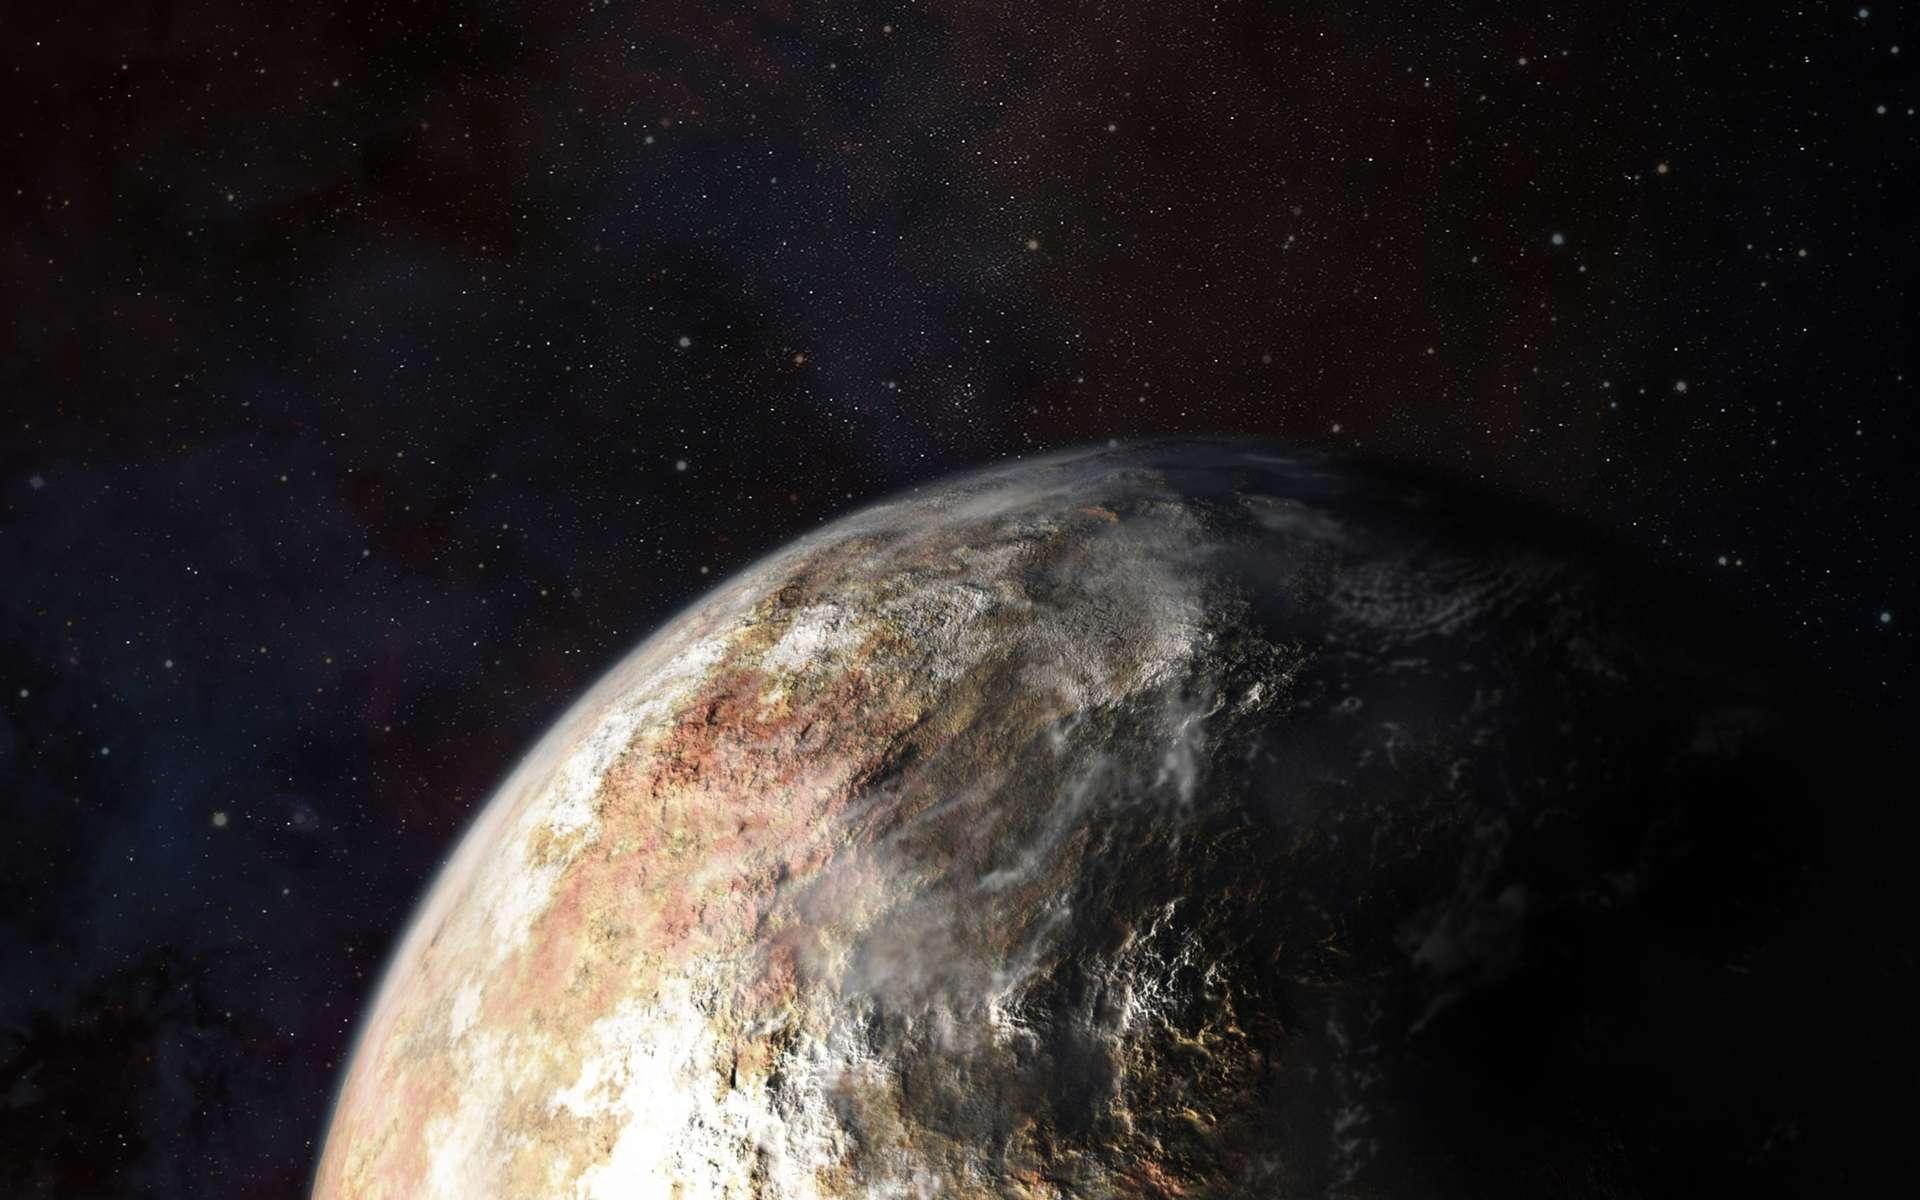 La réalité sera-t-elle à la hauteur de cette vision d'artiste de Pluton ? Il faudra peut-être attendre 2016 pour en être sûr car la sonde New Horizons mettra du temps pour transmettre toutes les données qu'elle va collecter le 14 juillet 2015. On devrait tout de même disposer de belles images de Pluton et Charon rapidement après cette date. On y cherchera des nuages qui pourront trahir certaines des caractéristiques des vents dans l'atmosphère de cette planète naine bien plus ténue que celle de la Terre. © JHUAPL